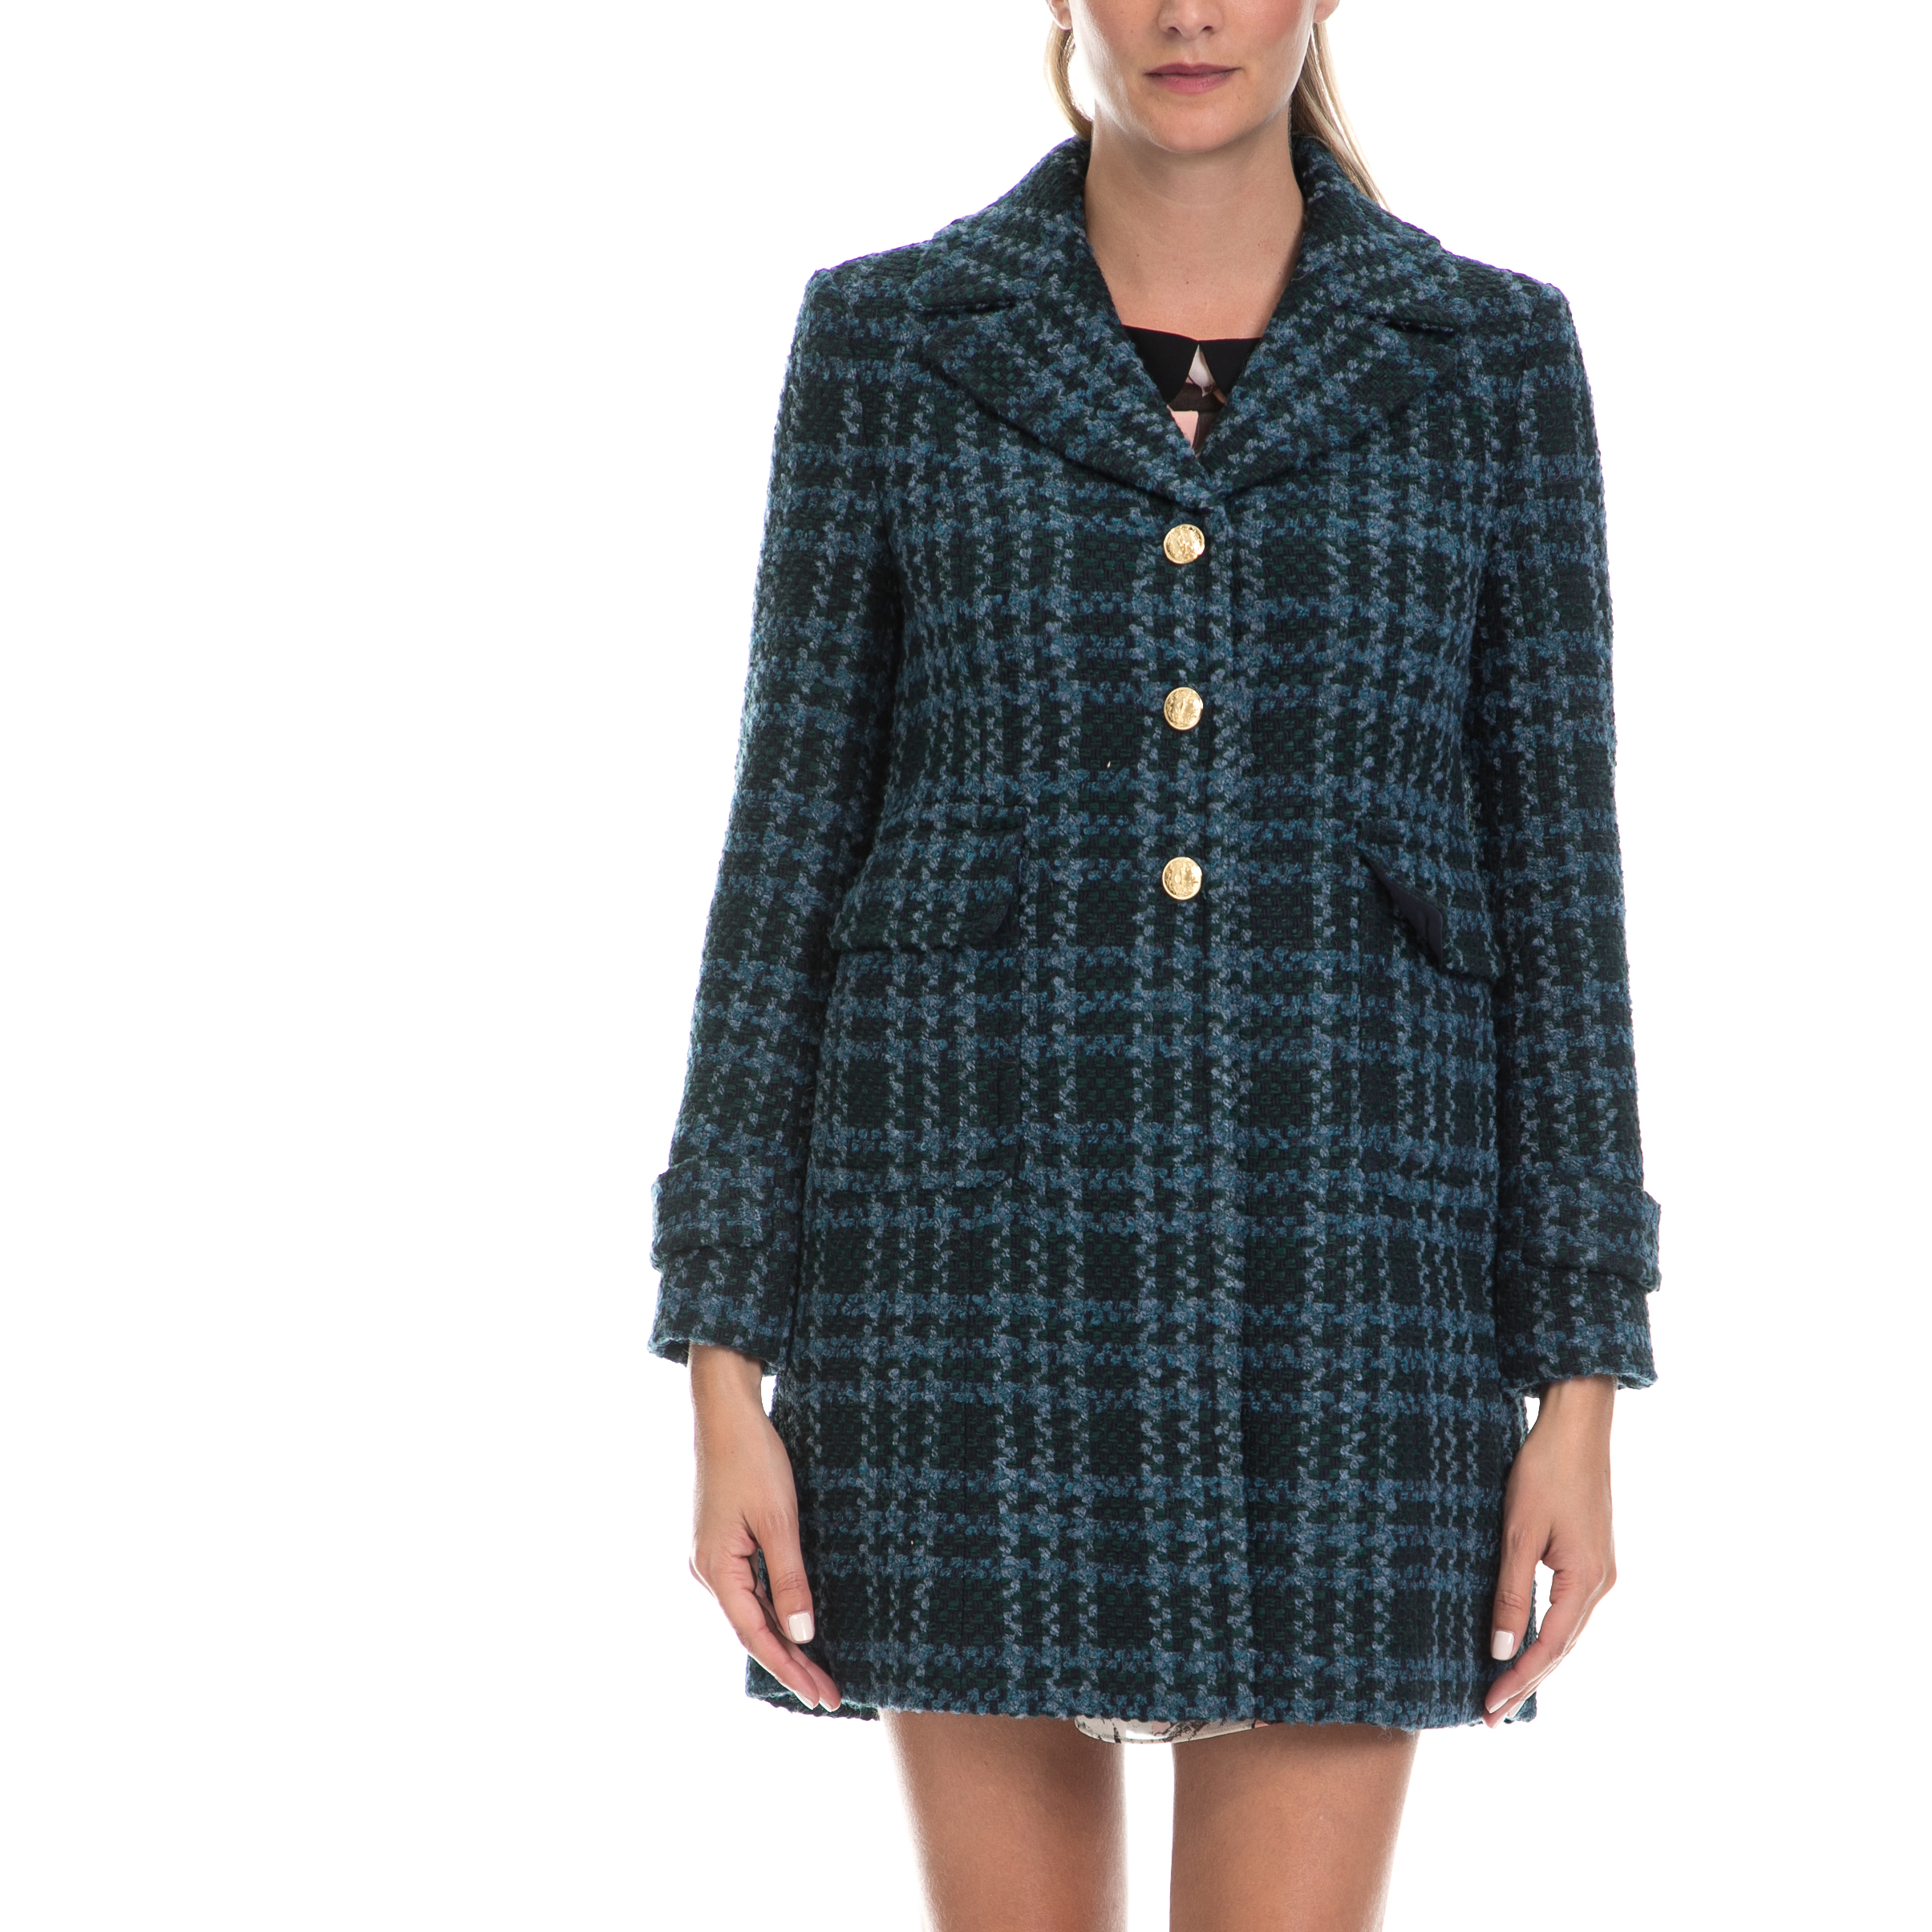 JUICY COUTURE – Γυναικείο παλτό BASKETWEAVE PLAID COAT πράσινο